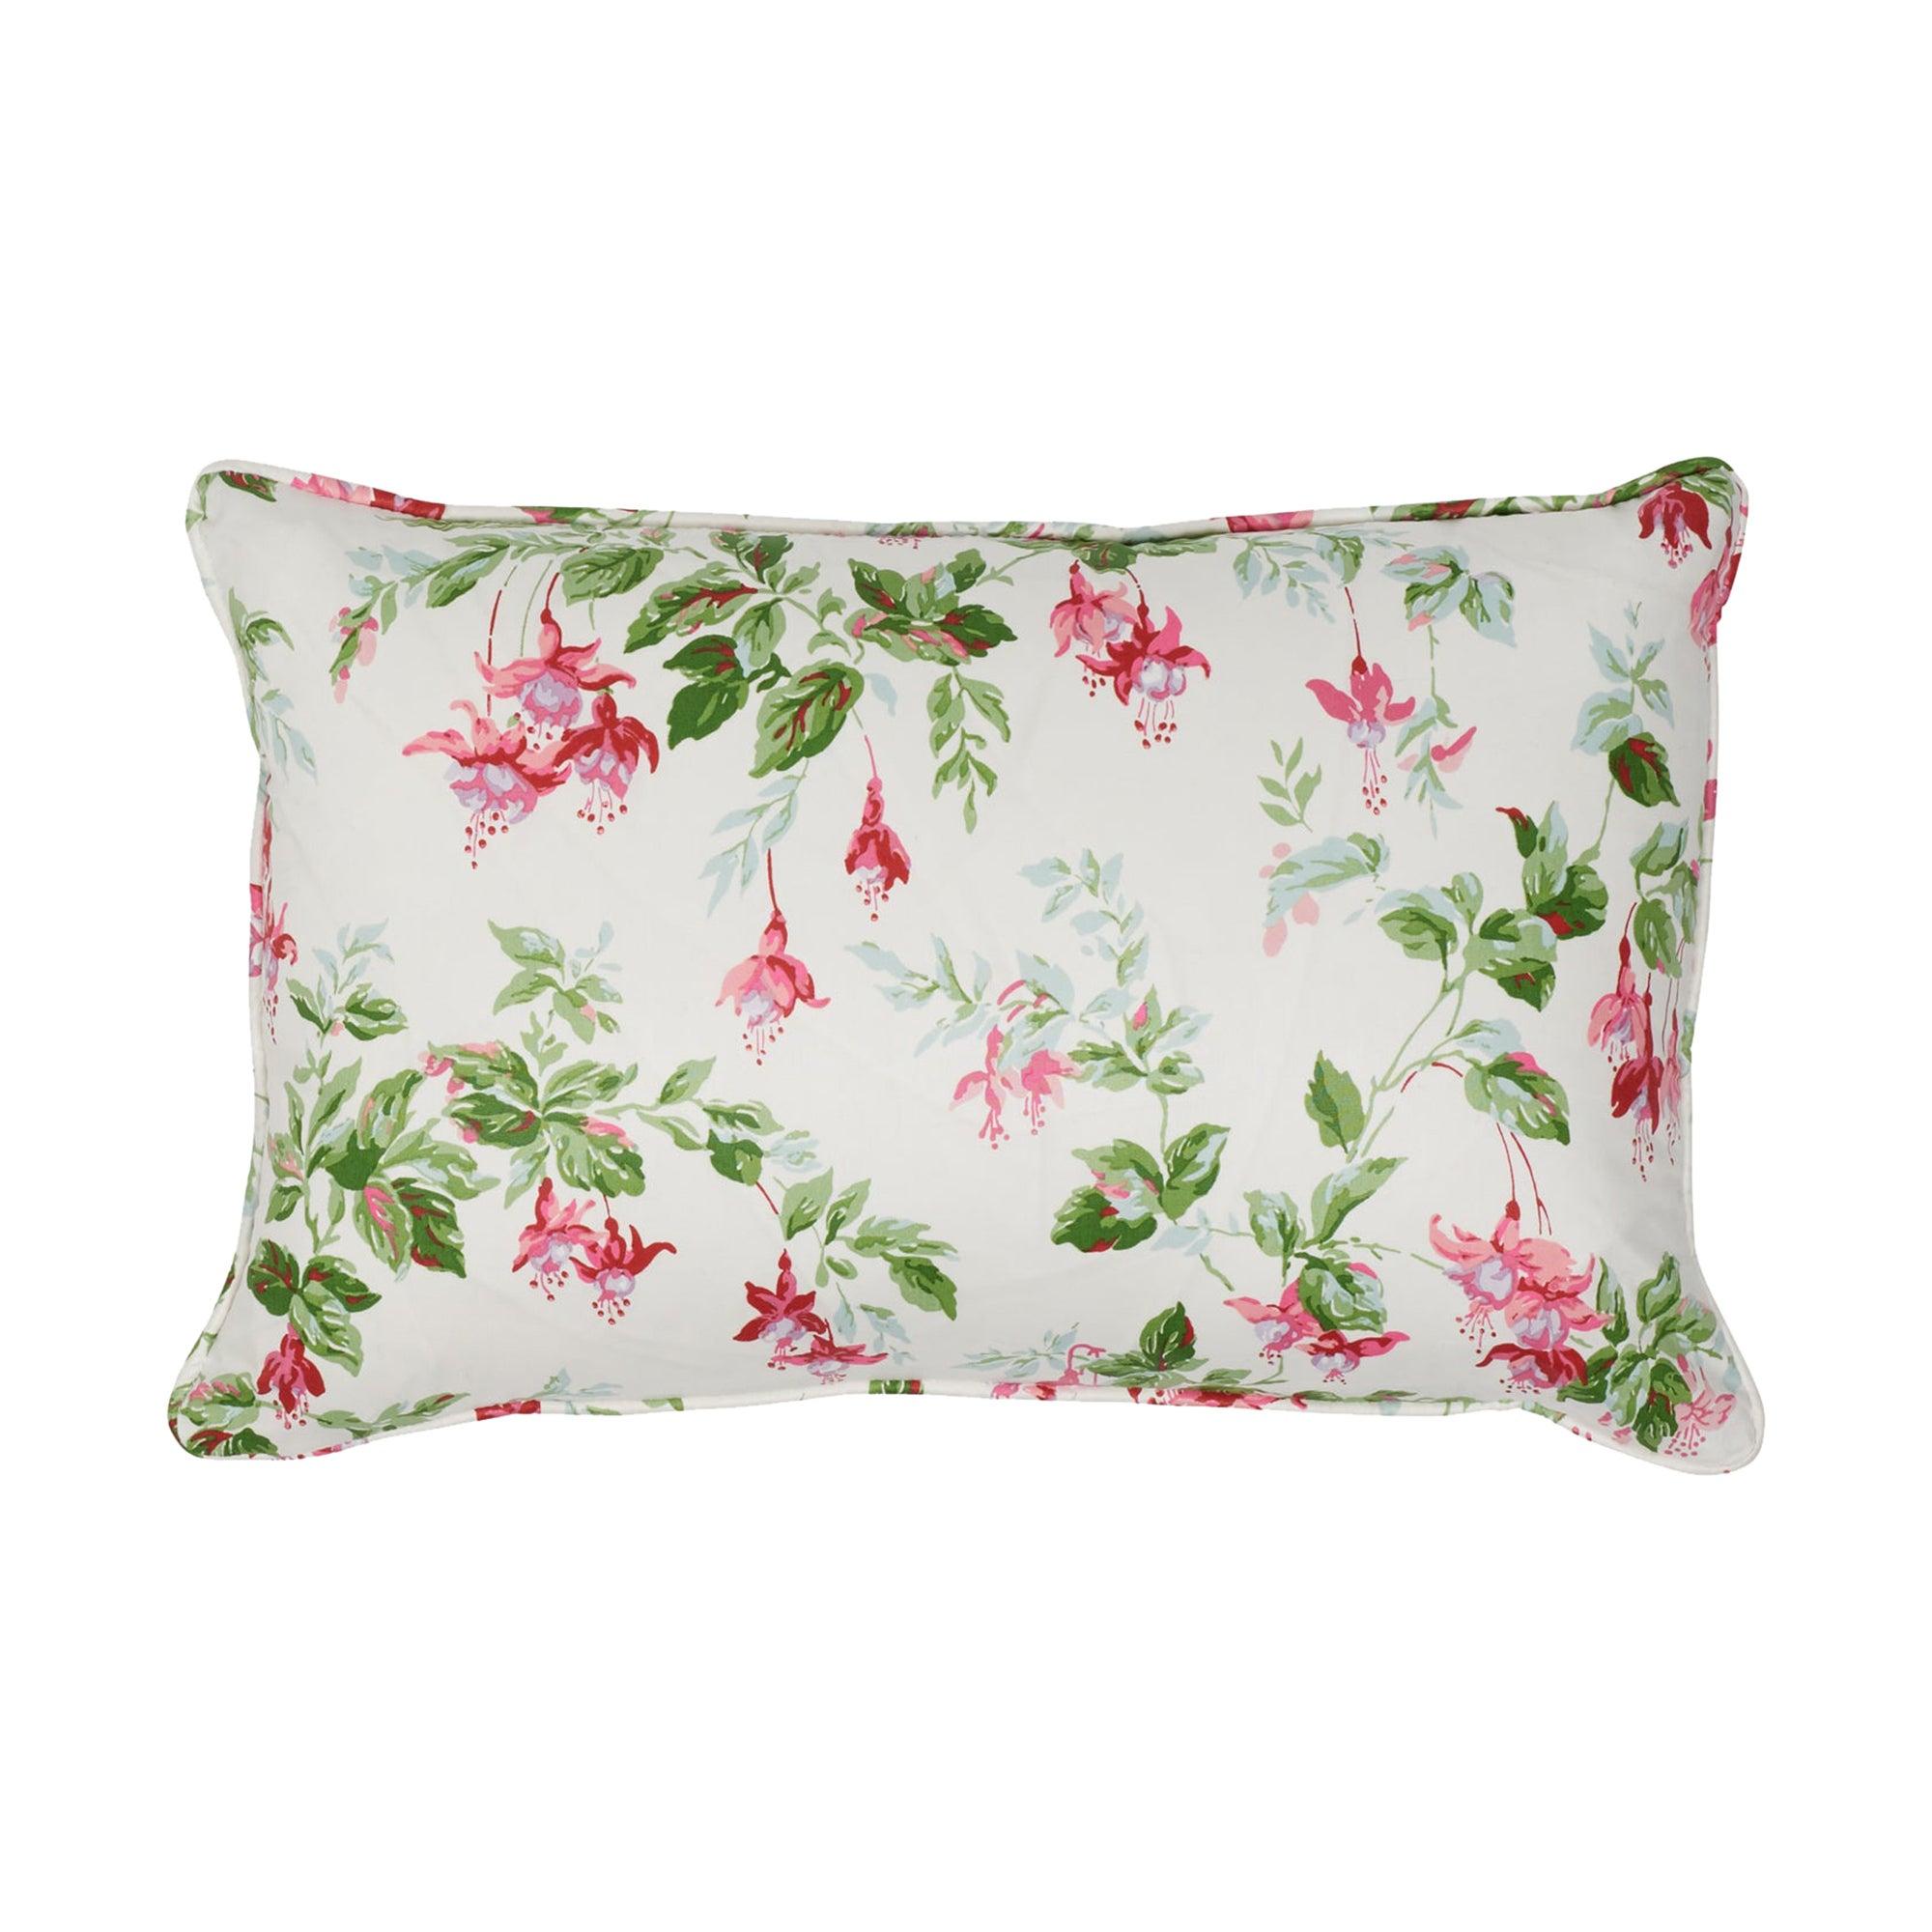 Schumacher Garden Gate Chintz Magenta Cotton Two-Sided Lumbar Pillow